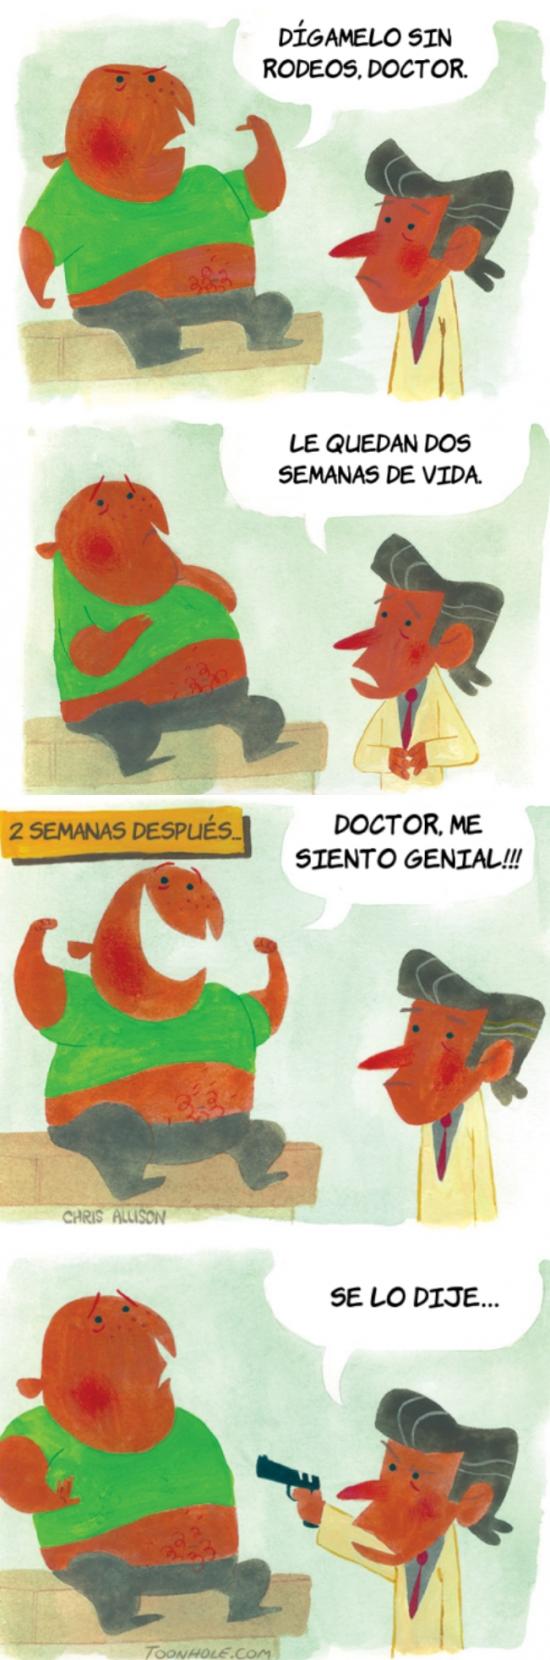 Otros - No siempre te fíes de lo que dice un doctor